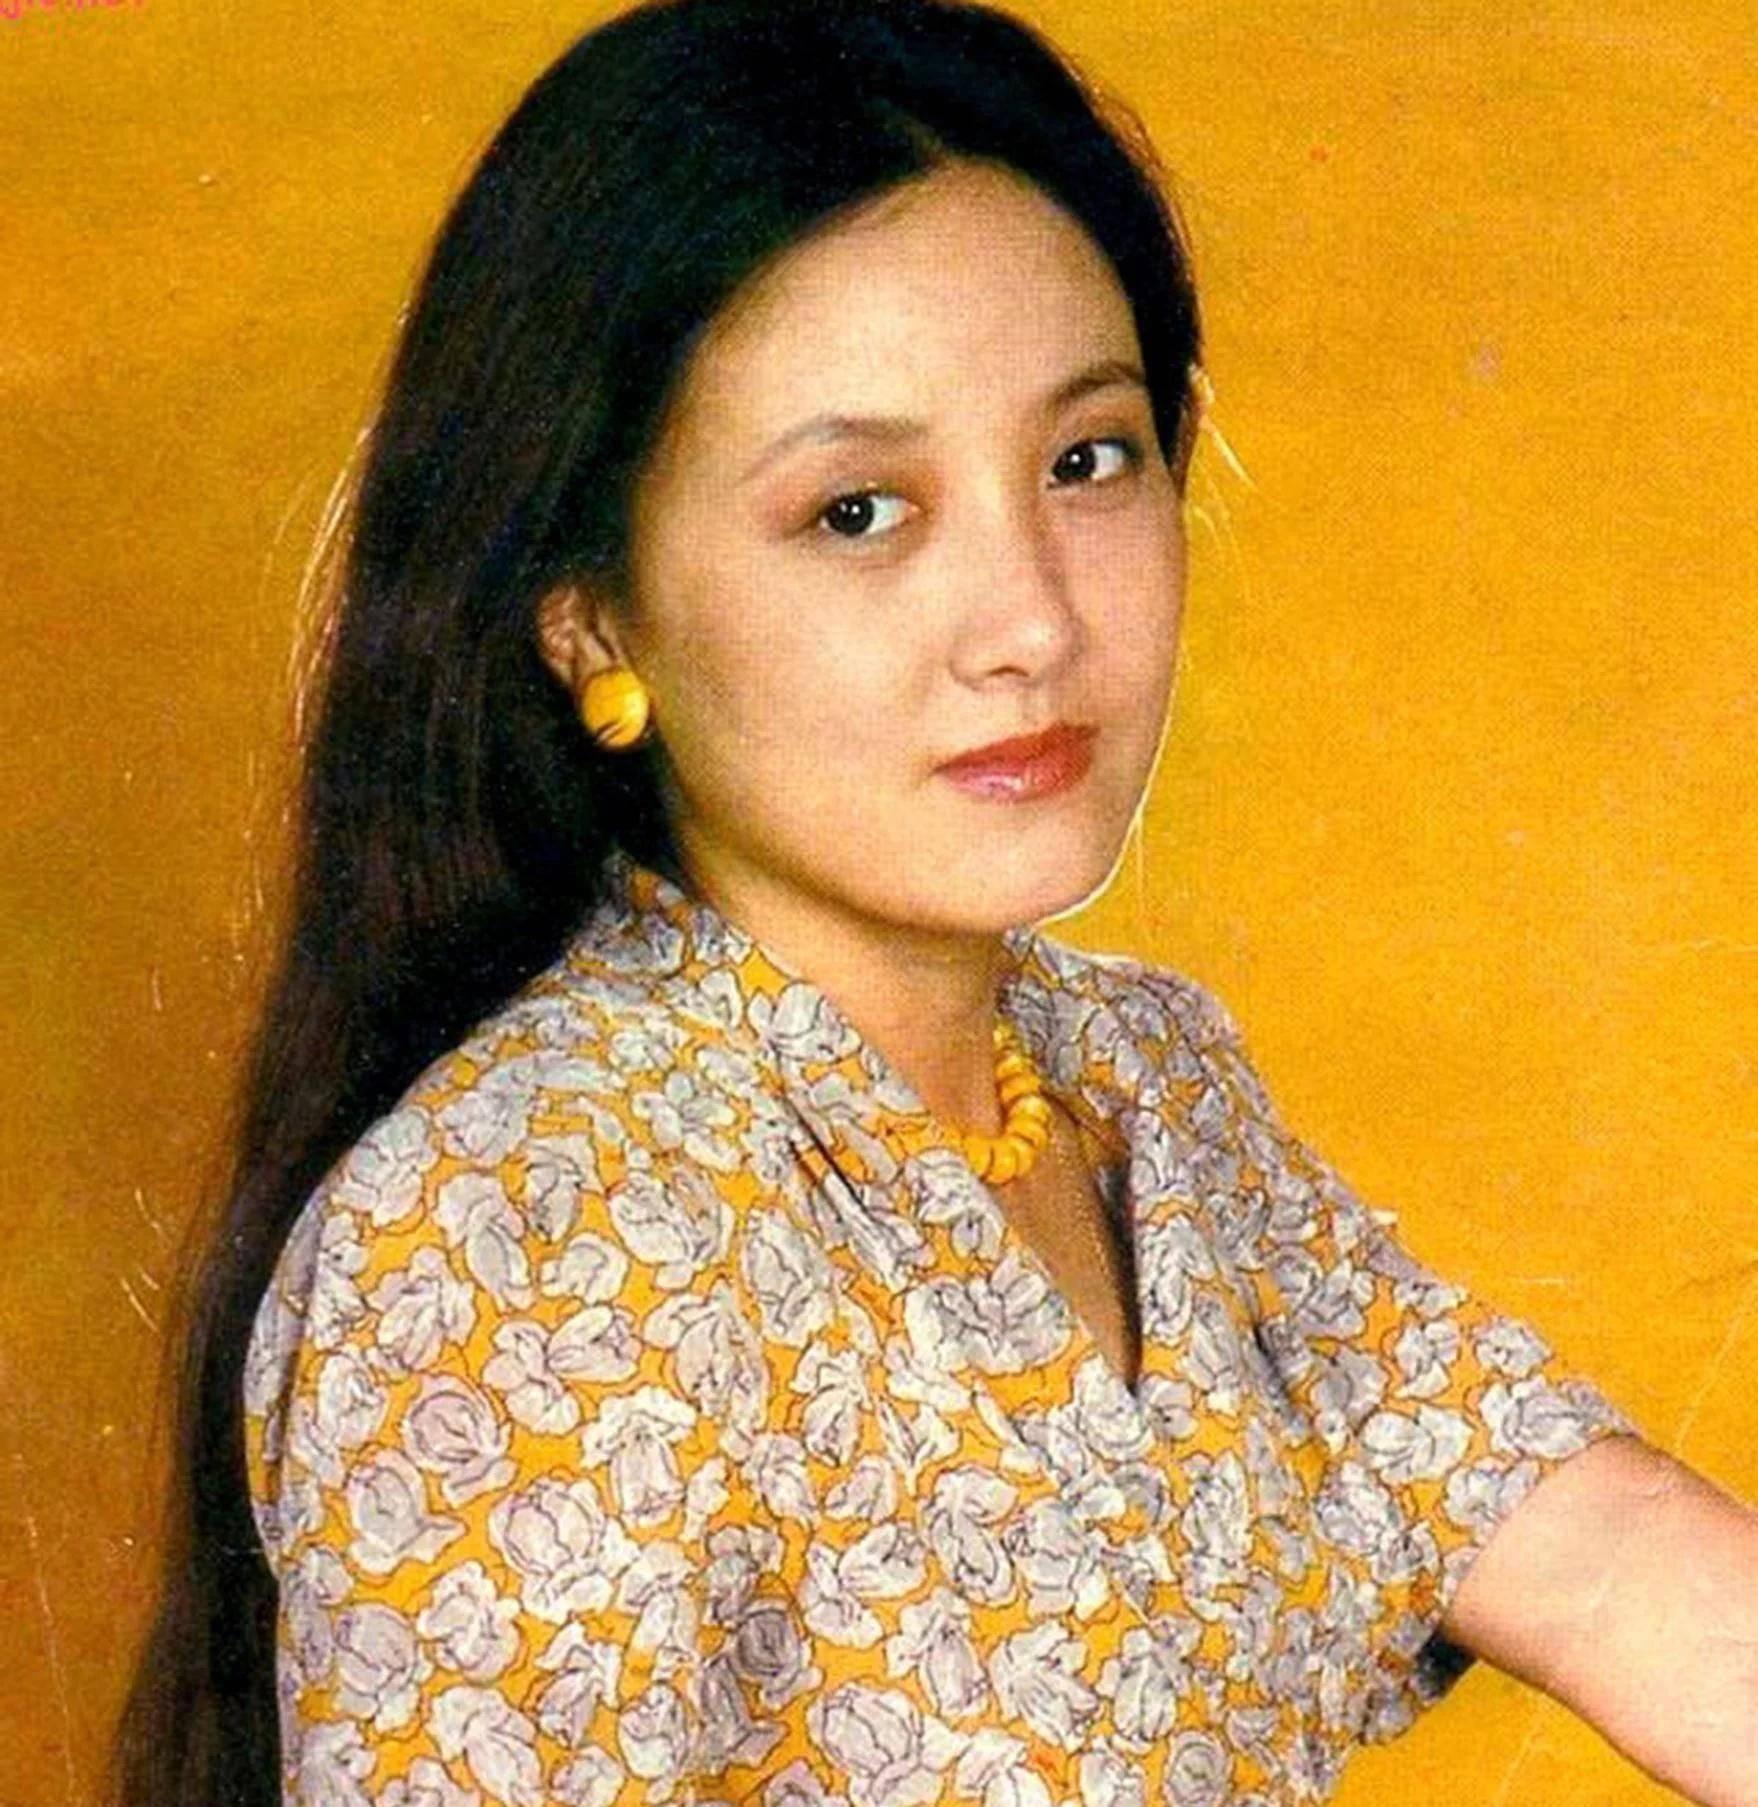 鸿图2注册邓婕前夫离婚后身价上亿?她小三上位遭张国立原配要求不许生子?60岁才当母亲 (图5)